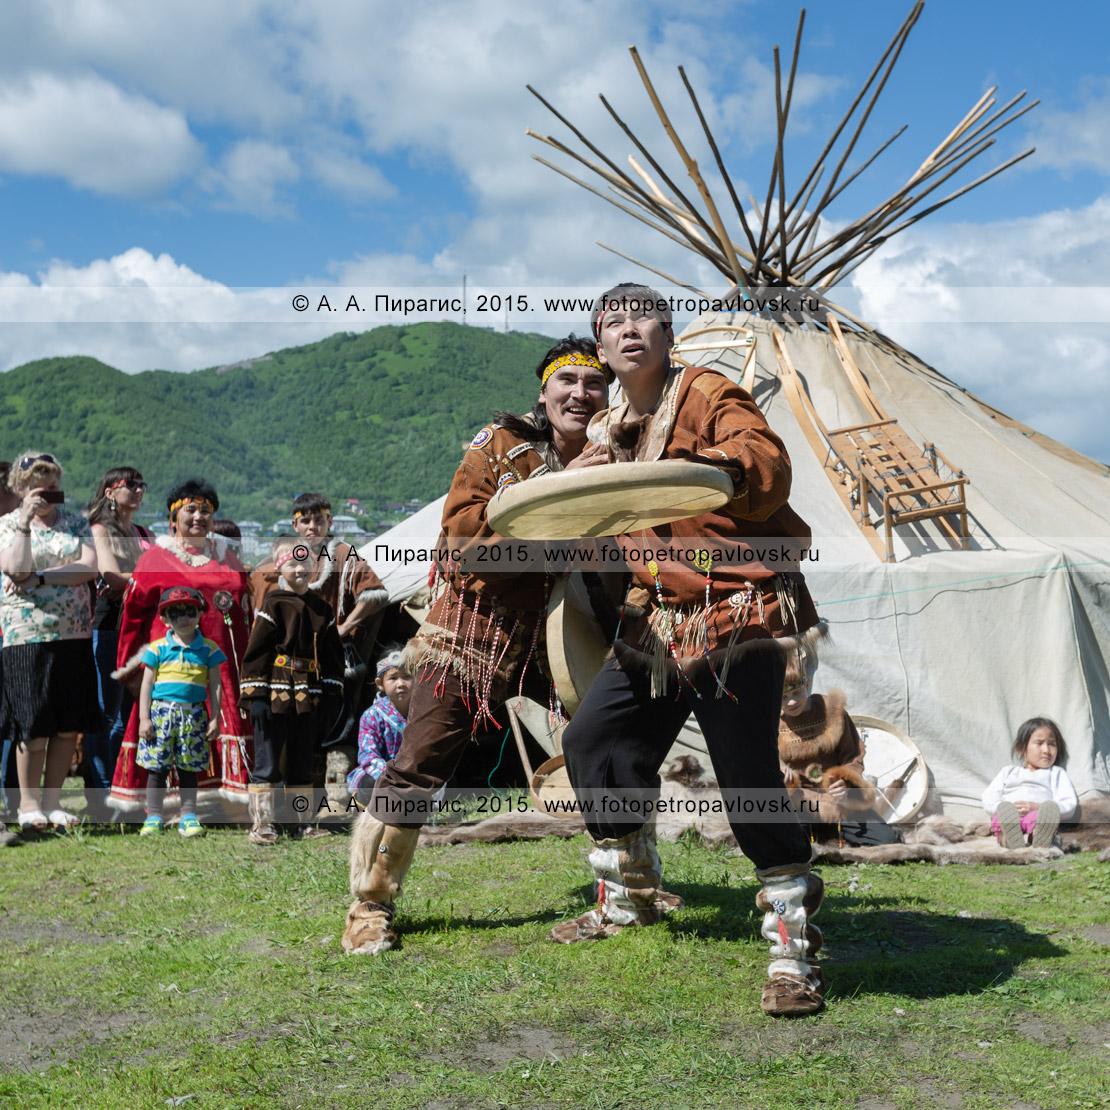 Фотография: танцоры фольклорного танцевального коллектива коренных народов полуострова Камчатка показывают сценку с бубнами